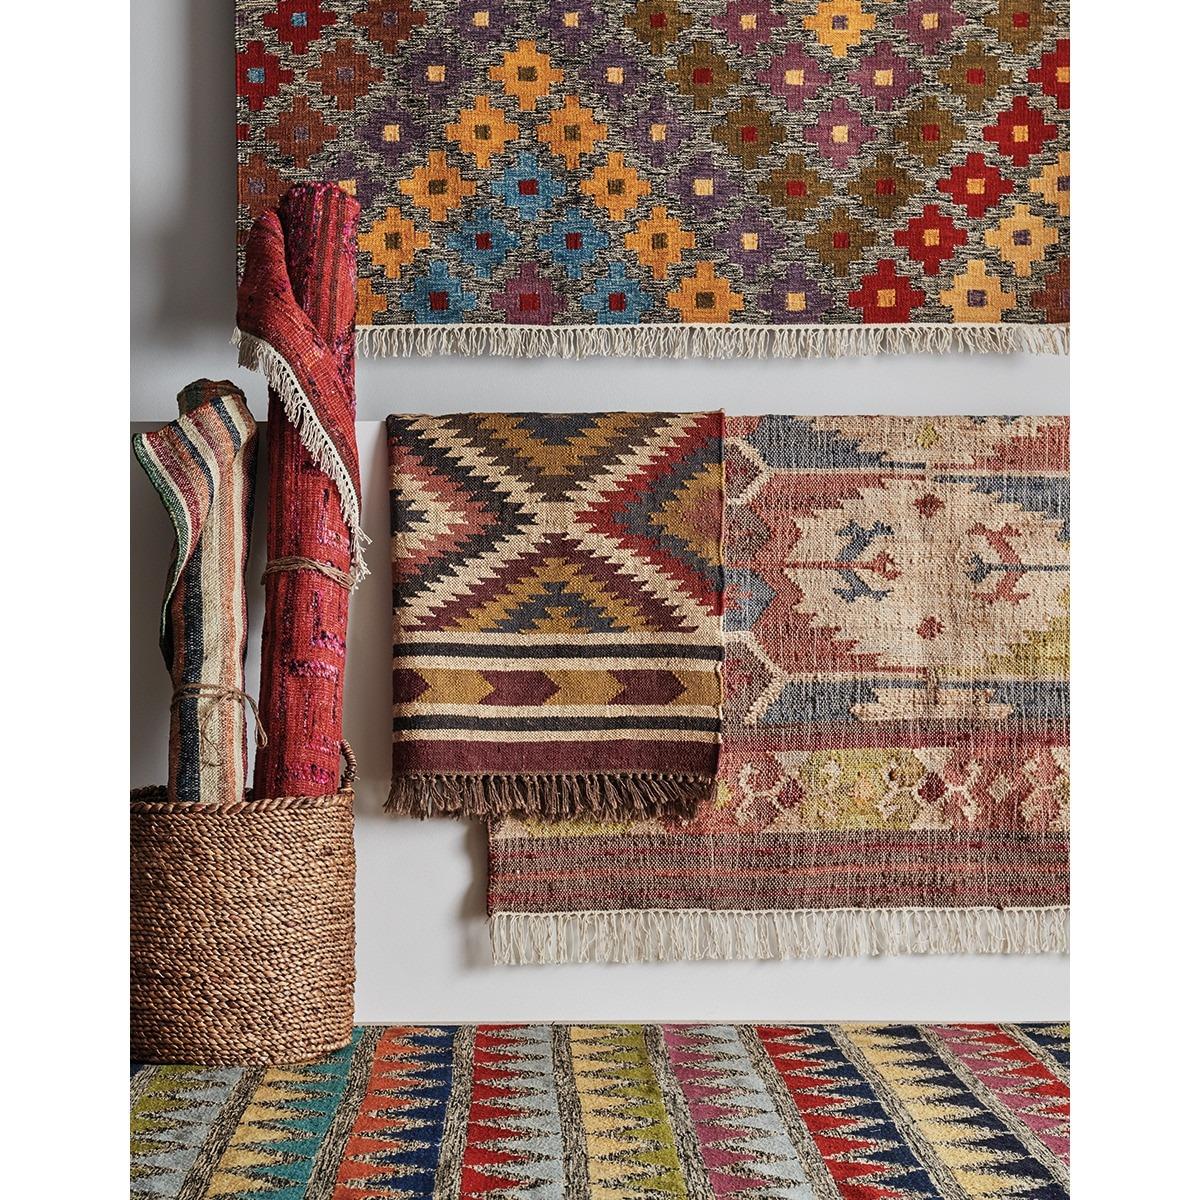 Alfombra kilim tejida con materiales naturales y se caracterizan por los diseños geométricos y tribales y los tintes vegetales.